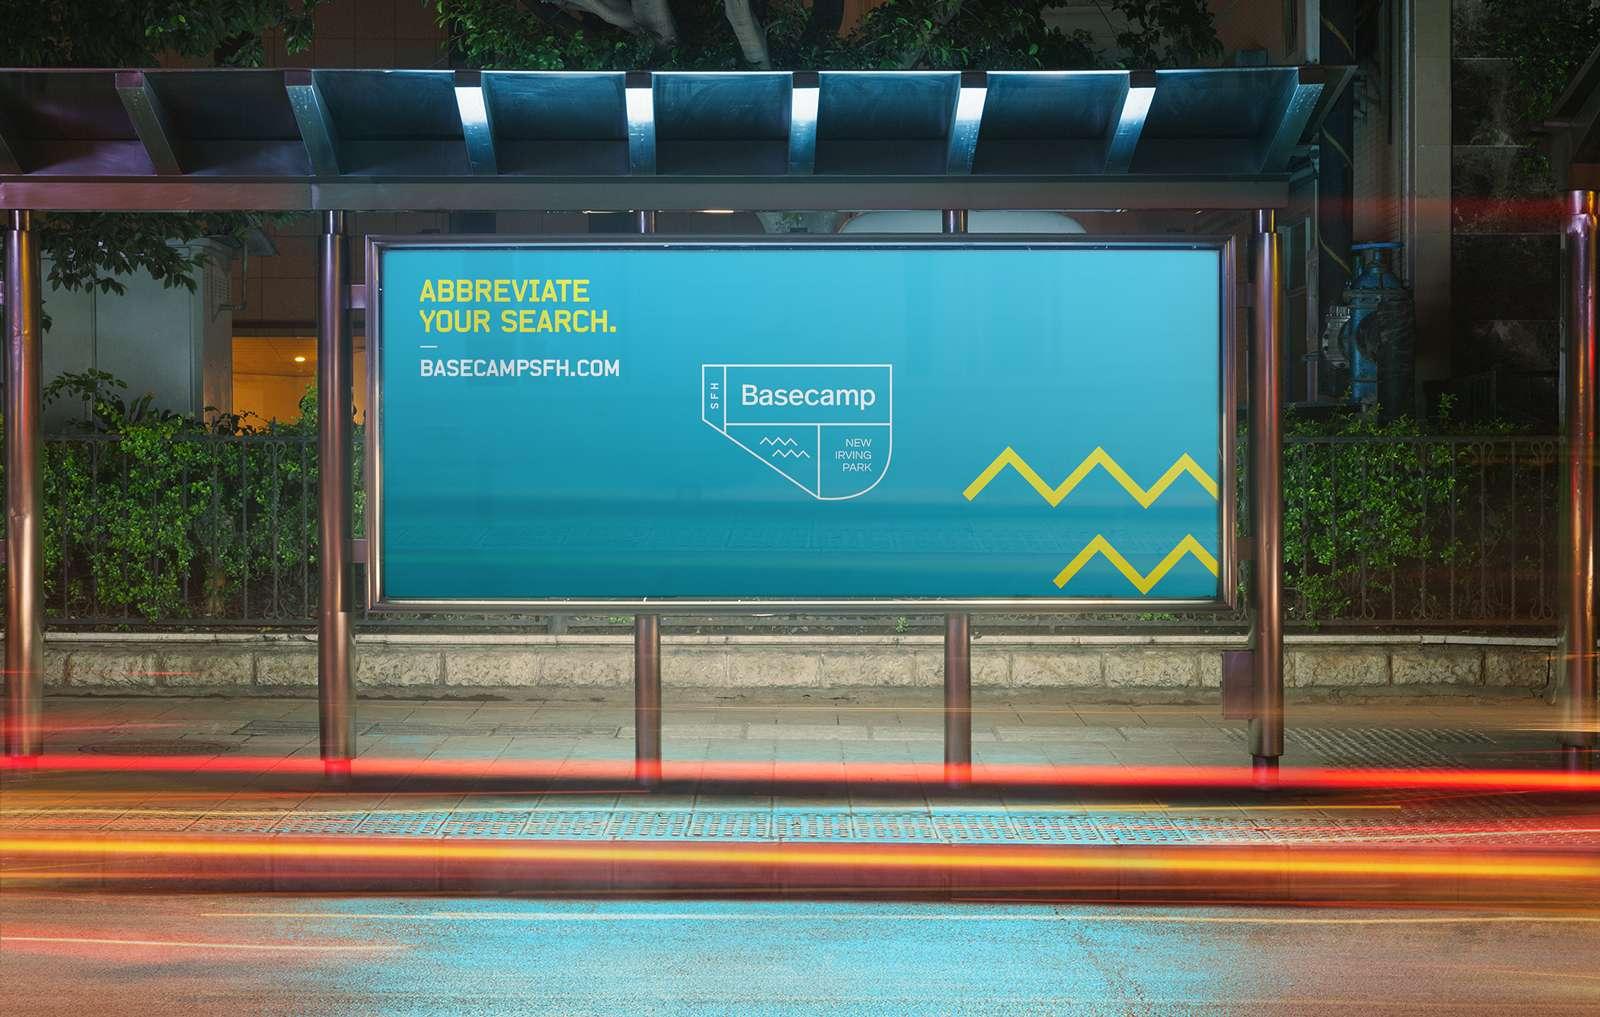 Bus ad design for Chicago real estate brand Basecamp